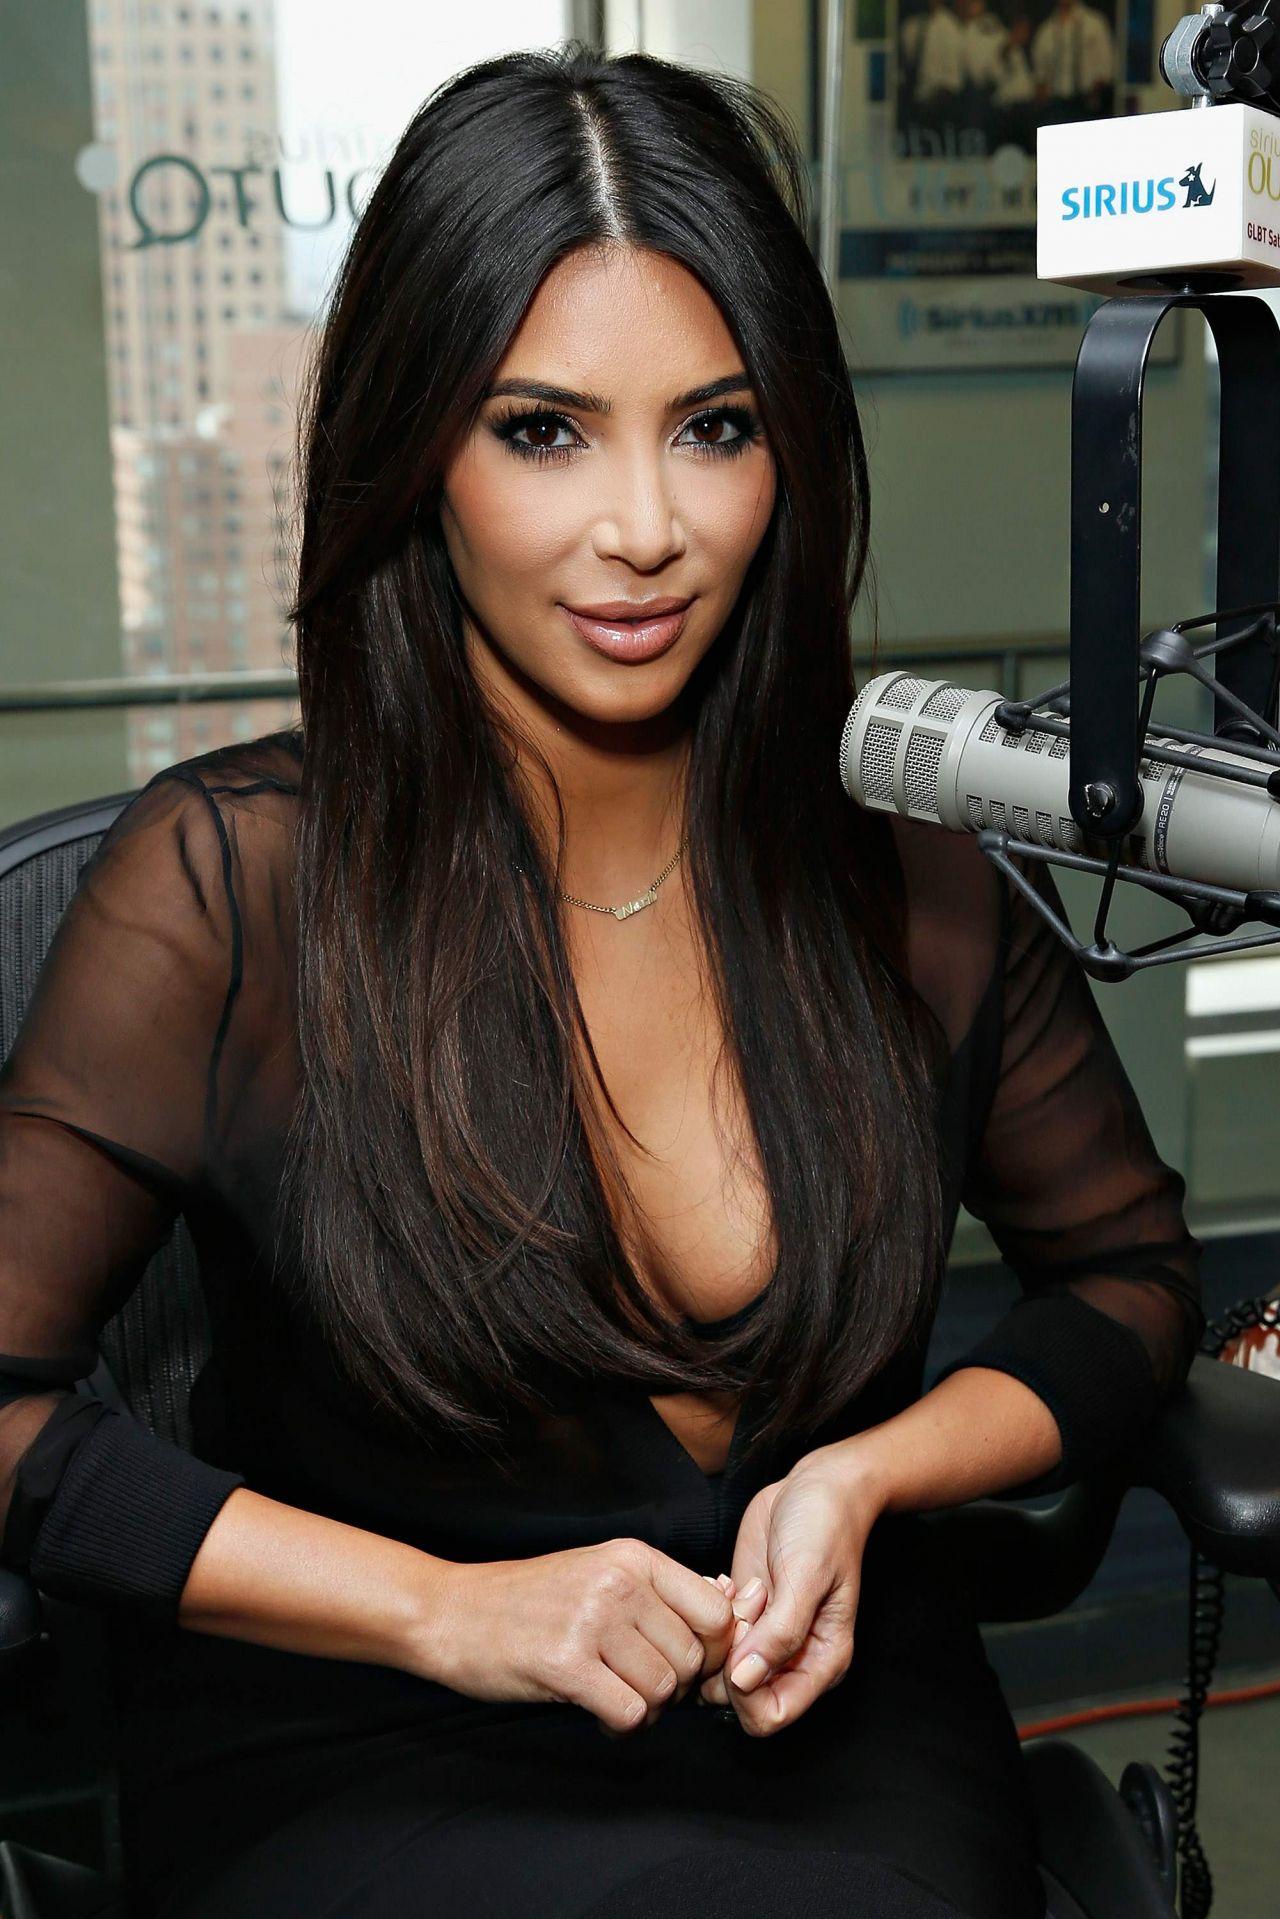 Kim Kardashian At the SiriusXM Studios in New York City